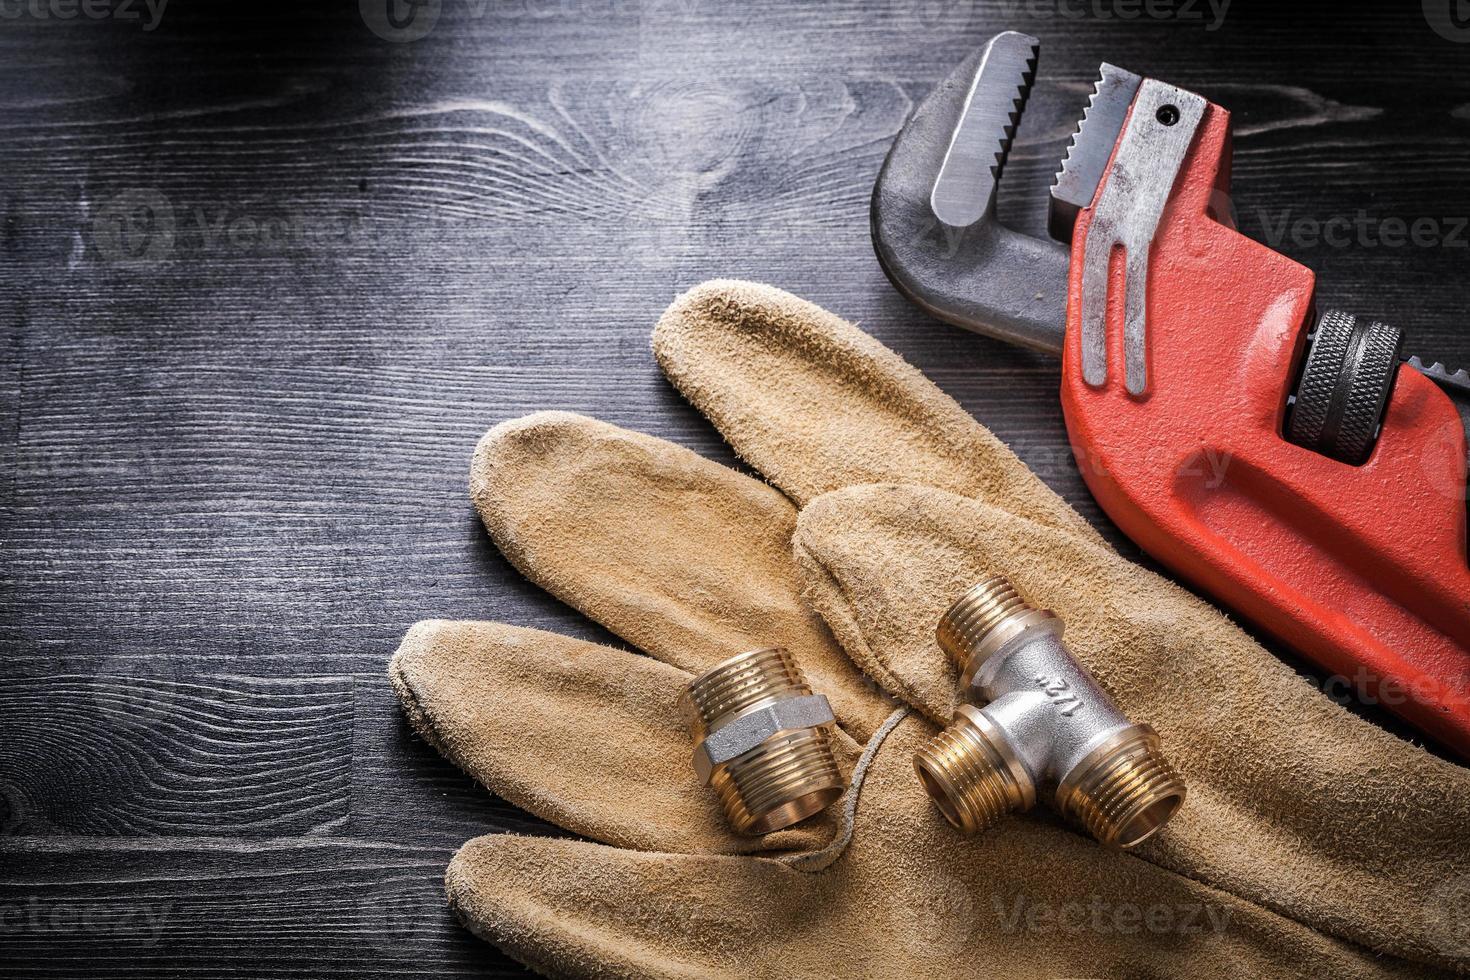 Clé à tuyau raccords de plomberie gants de sécurité sur planche de bois photo